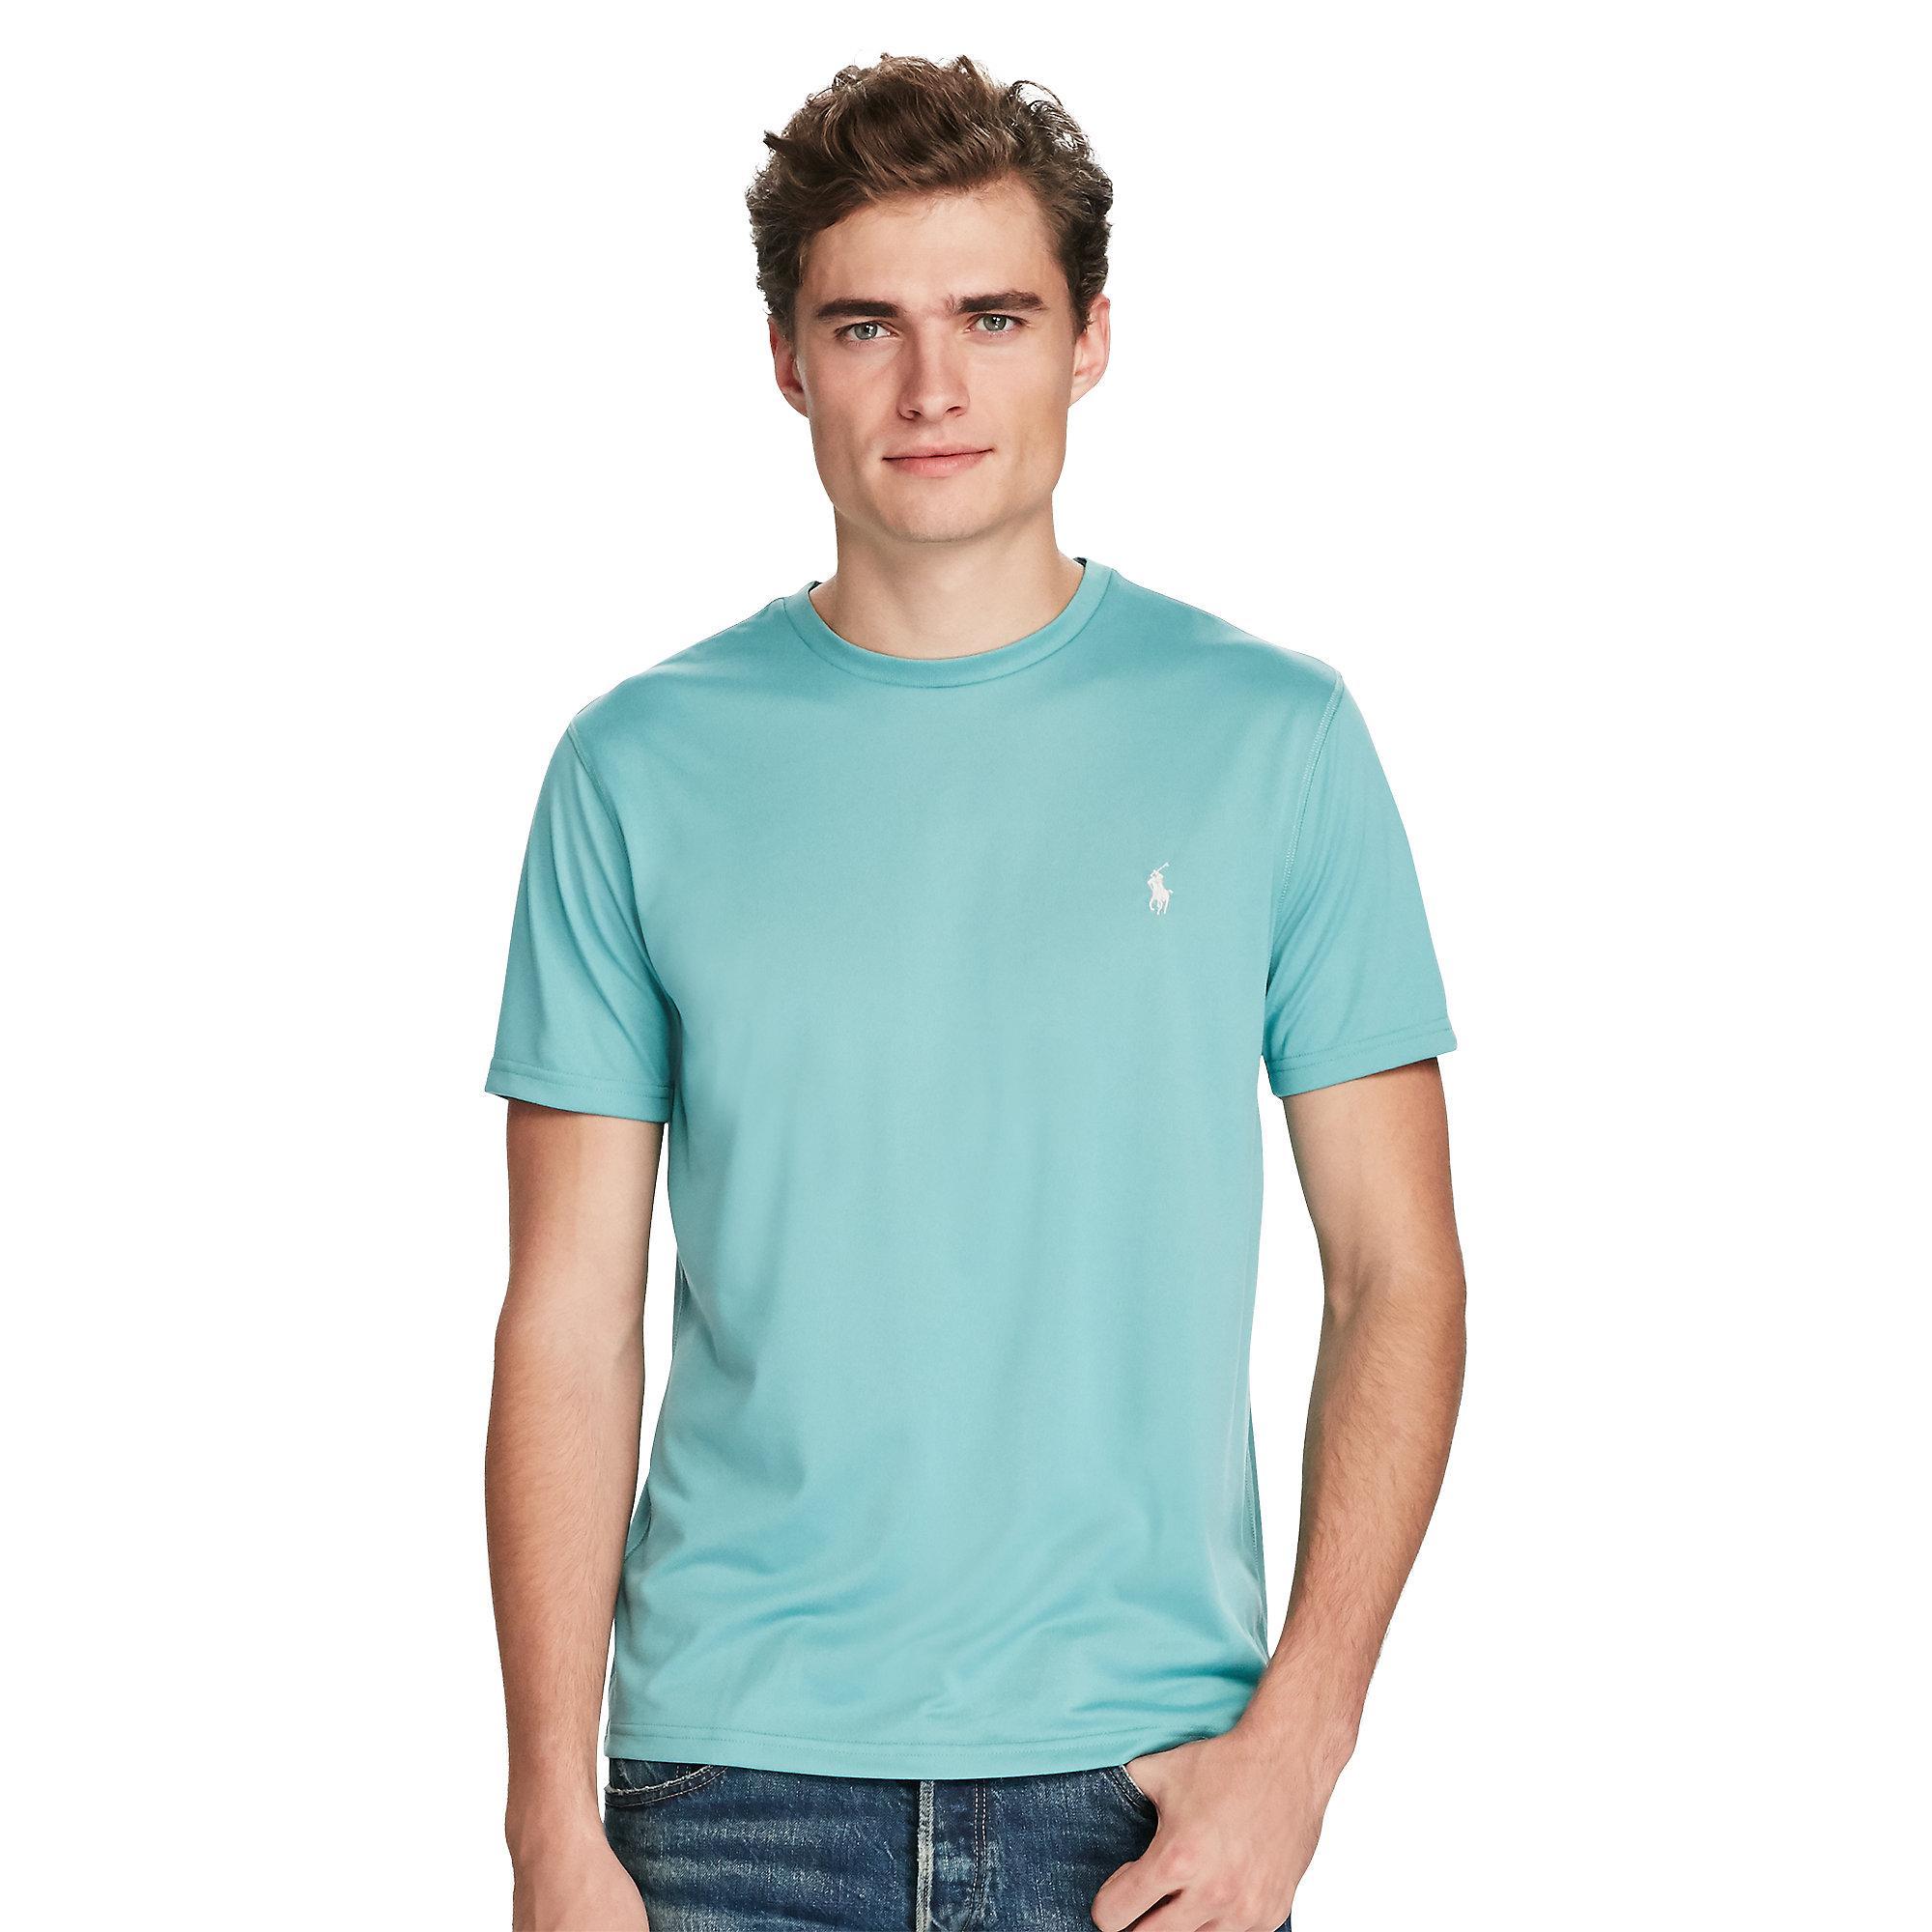 8d50a7dc7 Lyst - Polo Ralph Lauren Performance Jersey T-shirt in Blue for Men